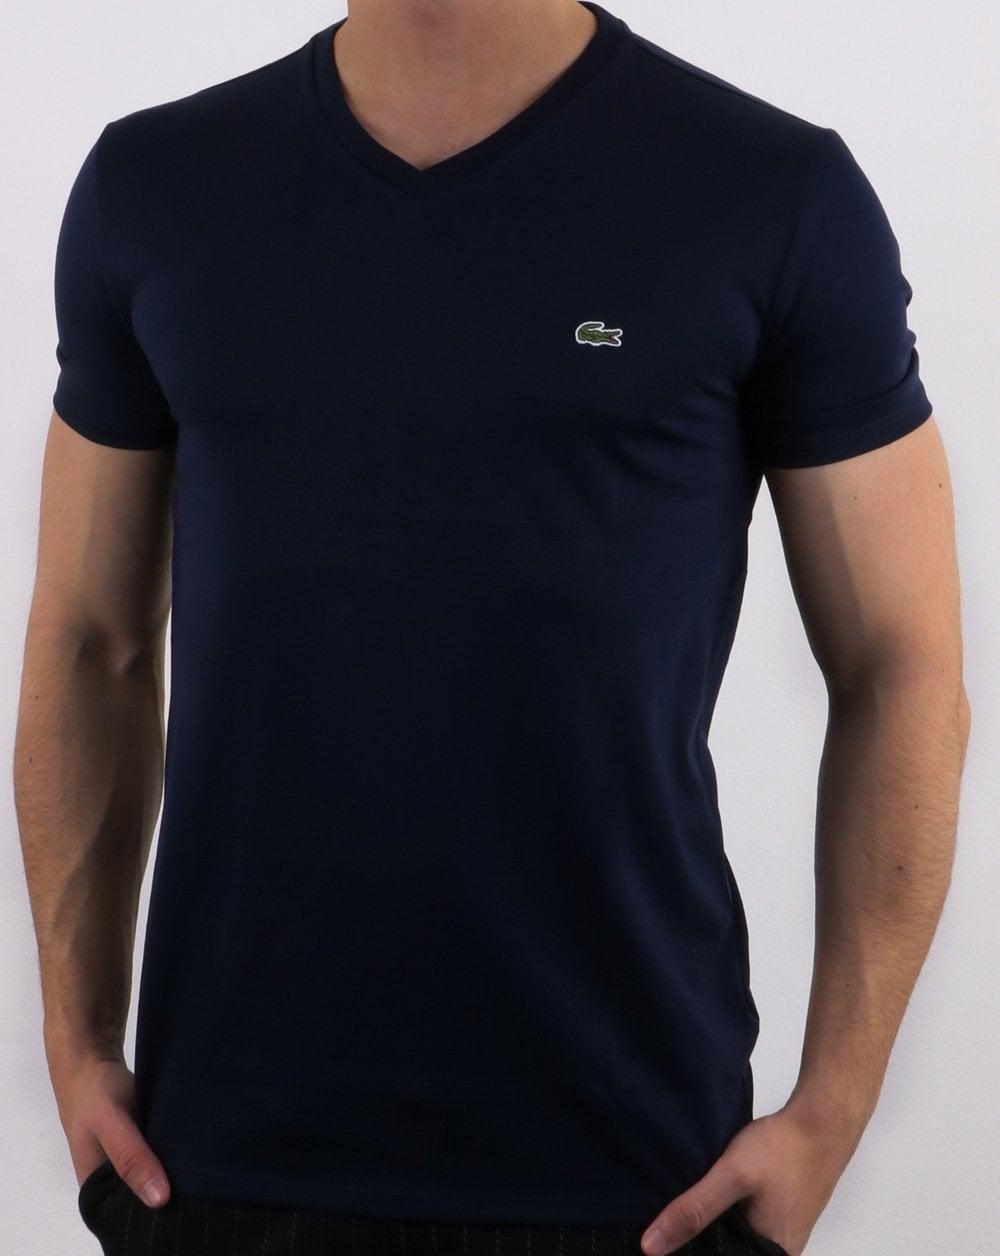 db16e923c8 Lacoste V-neck T-shirt Navy